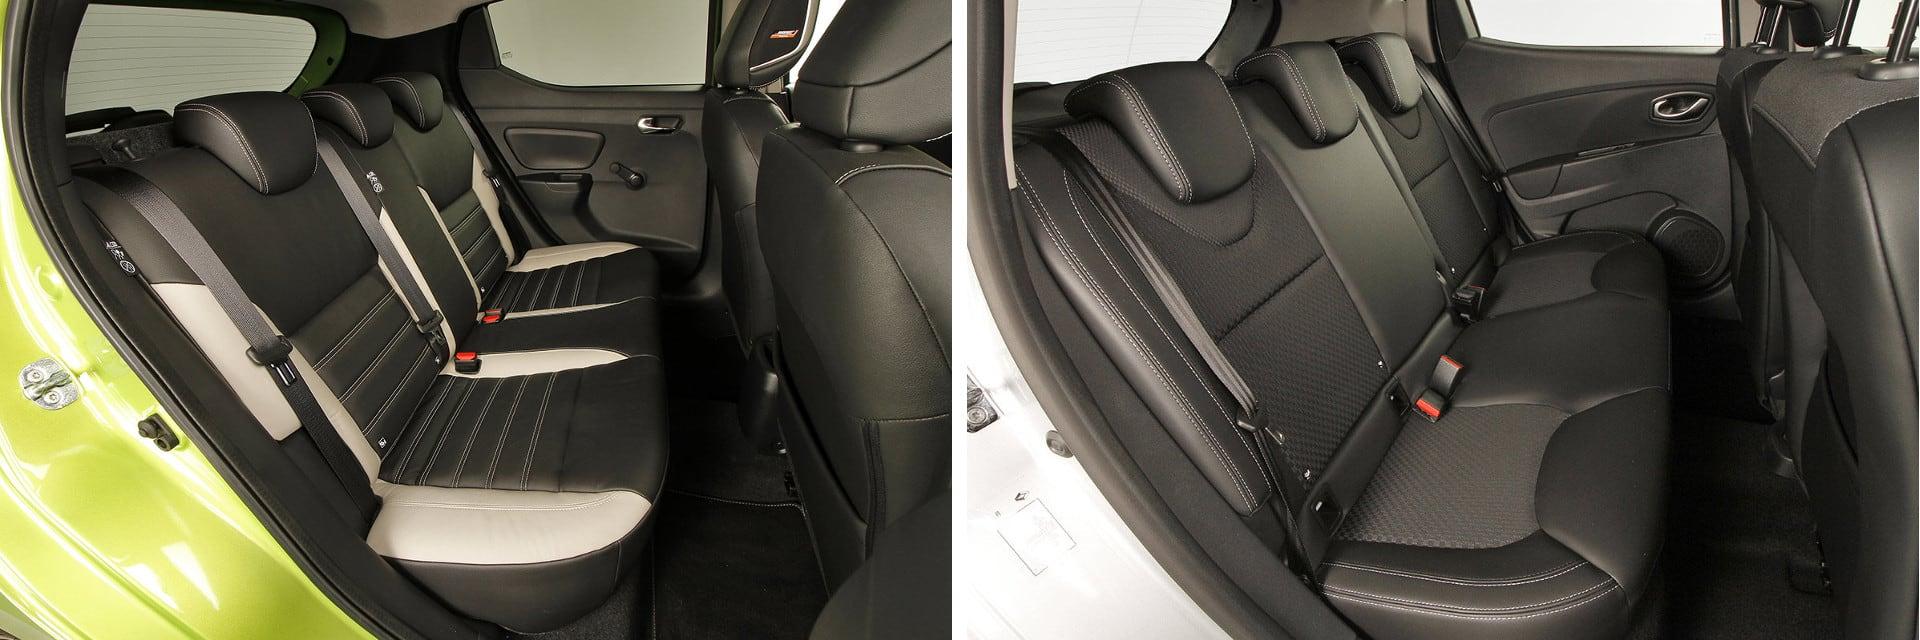 El Clio (dcha.) tiene menos anchura entre puerta y puerta trasera, lo que resta confort cuando viajan tres pasajeros atrás.